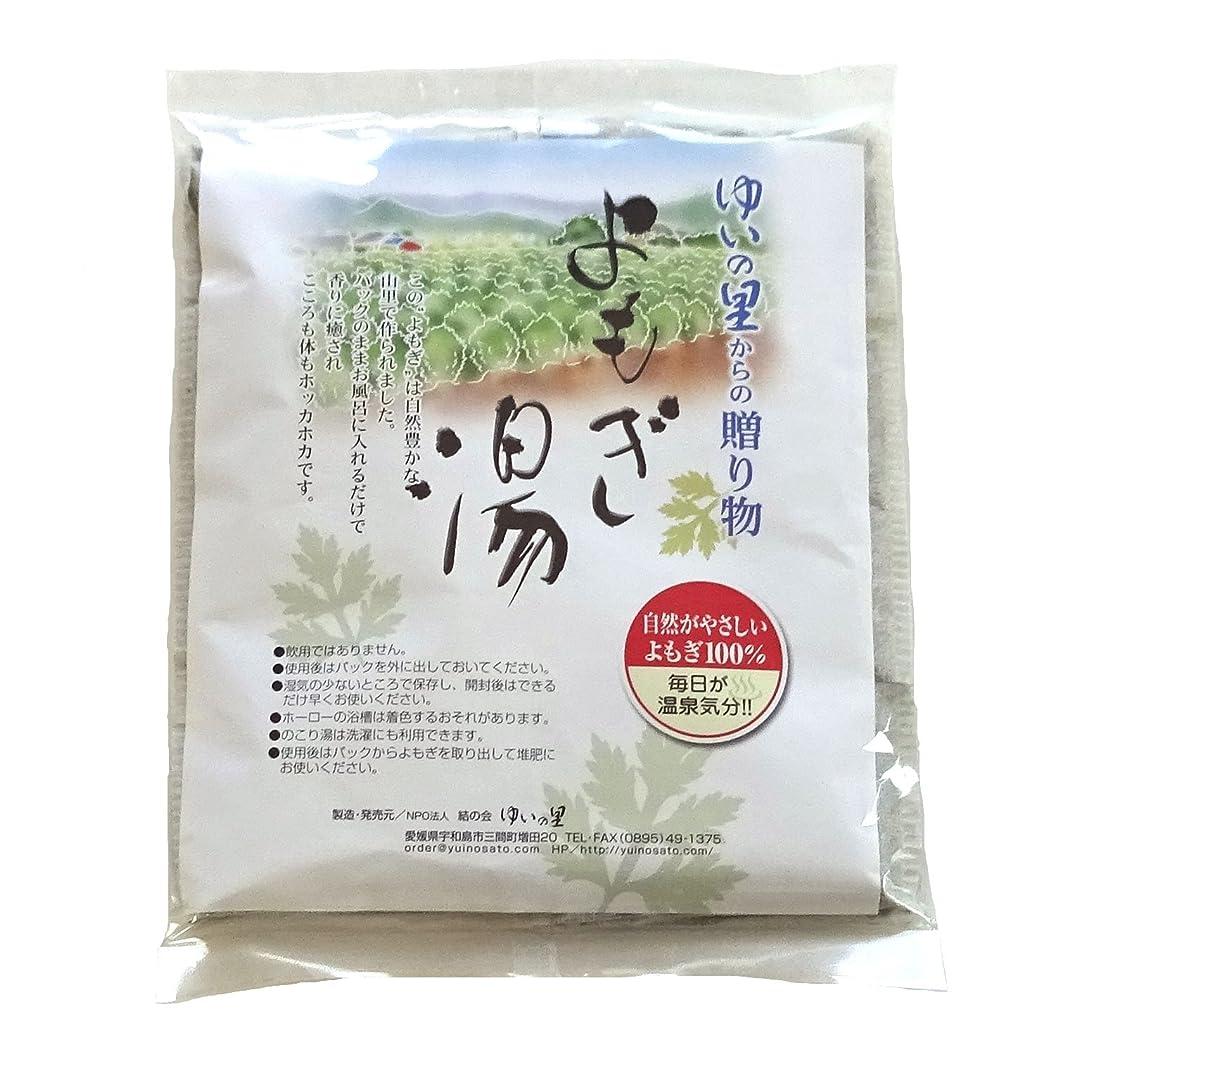 ファンド条約汚れるよもぎ湯入浴パック (10パック入) 愛媛県産 自家栽培よもぎ100%使用